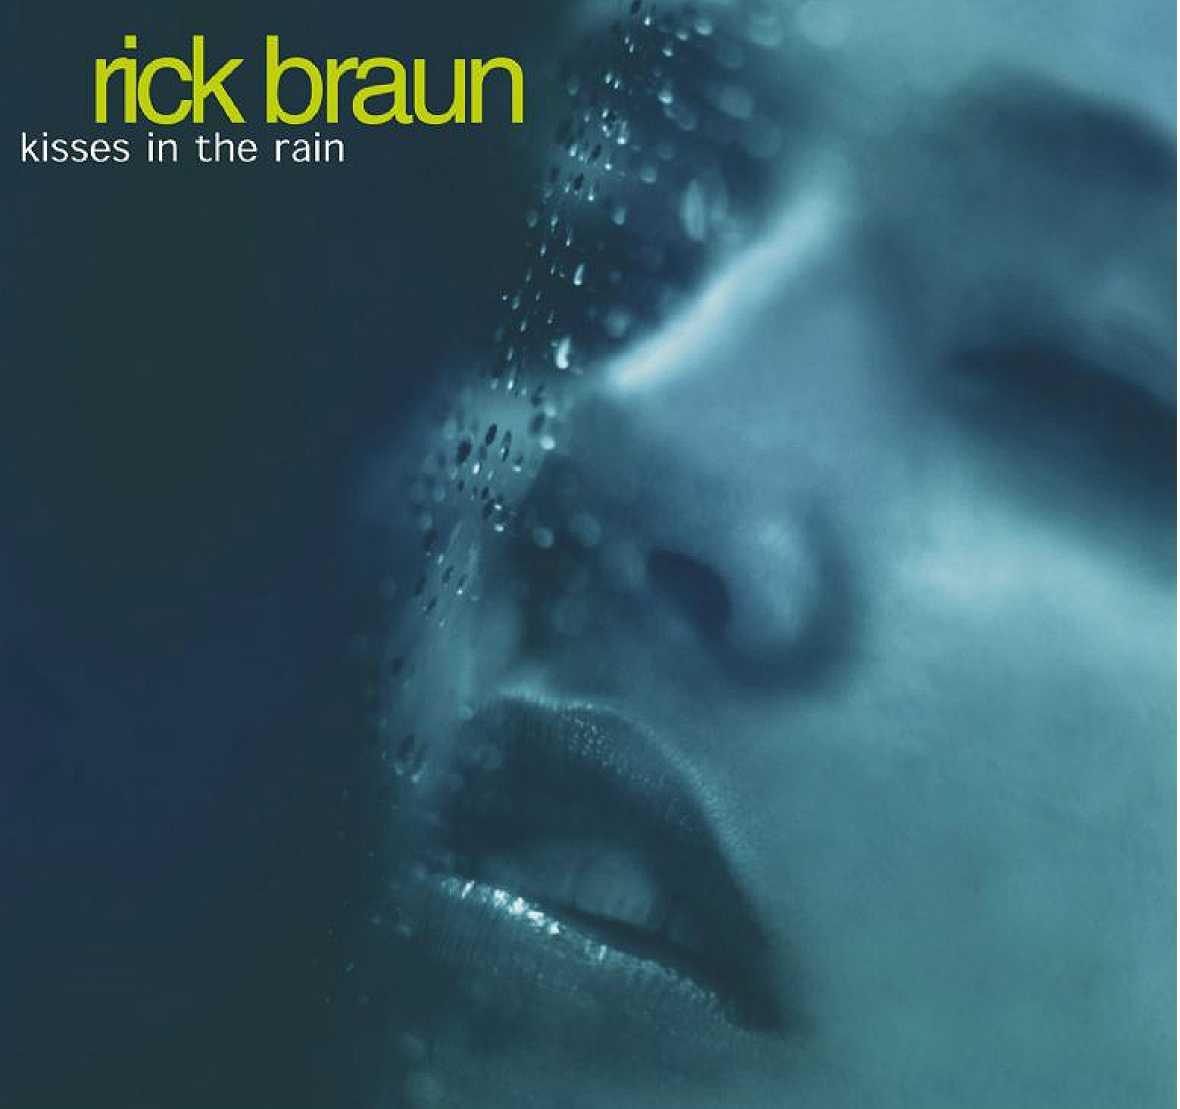 Próxima parada - Rick Braun y uno de sus mejores trabajos 'Kisses in the rain' - 31/10/16 - Escuchar ahora